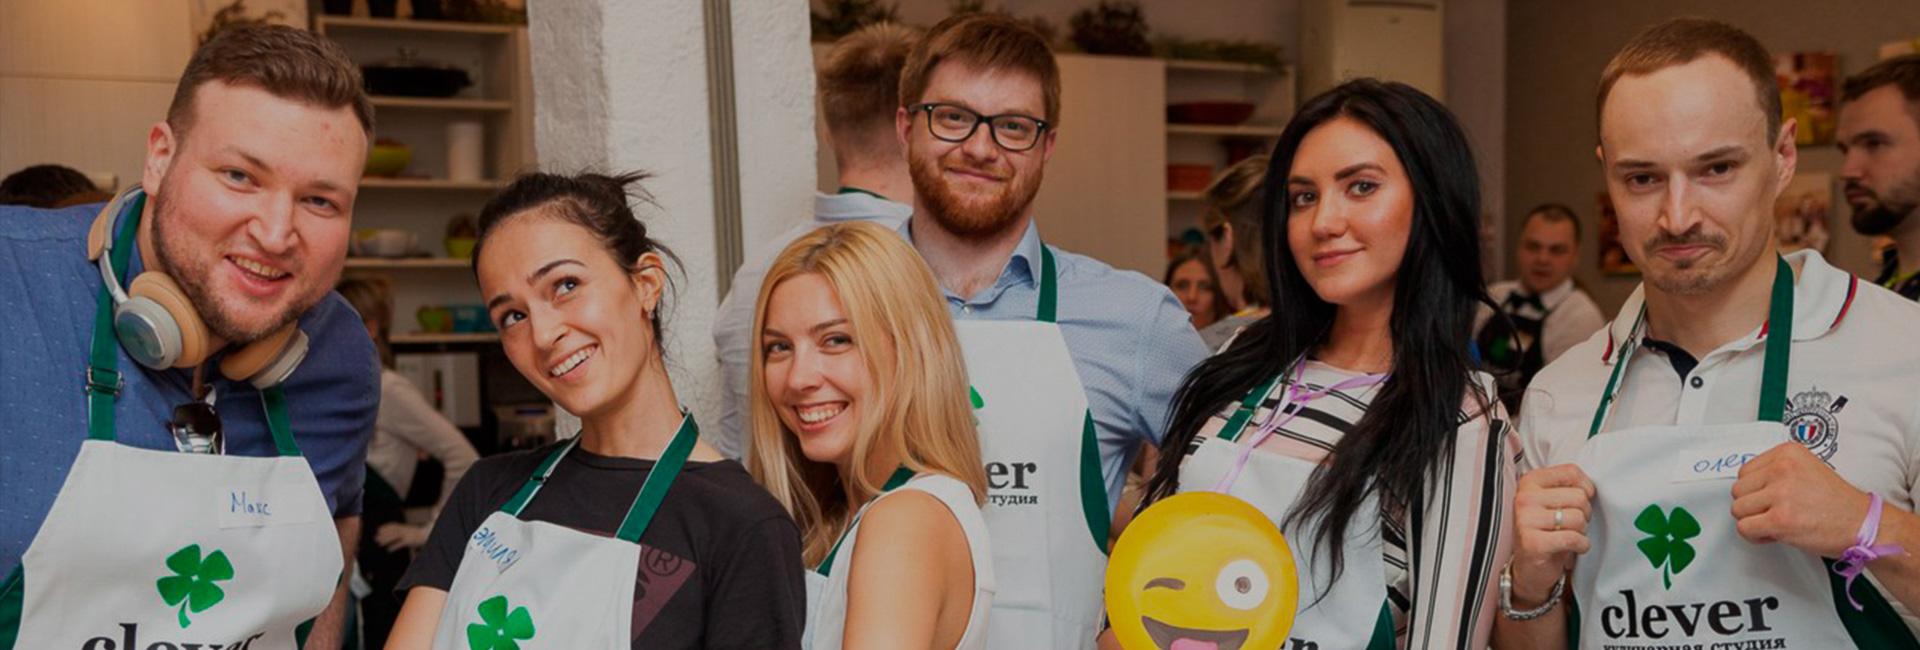 кулинарный корпоратив в кулинарной студии clever